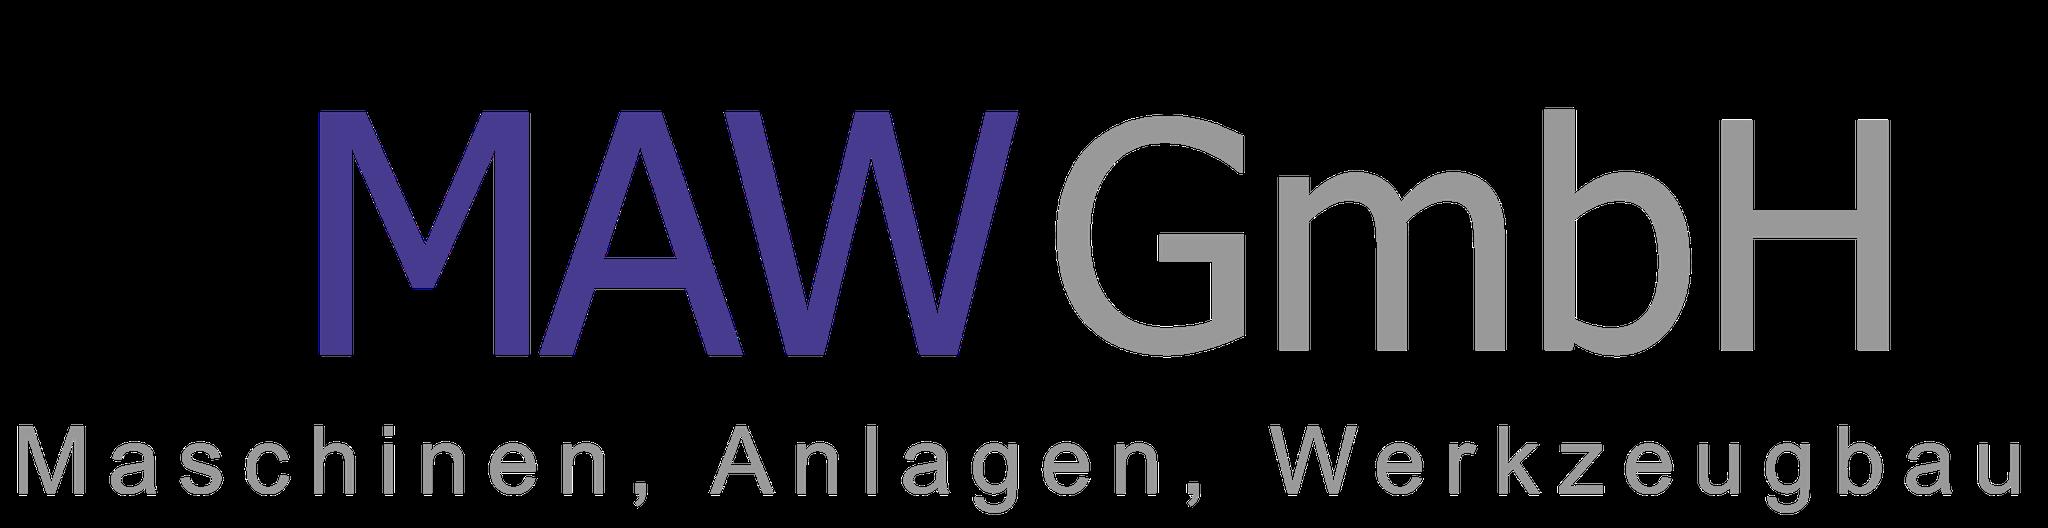 MAW GmbH